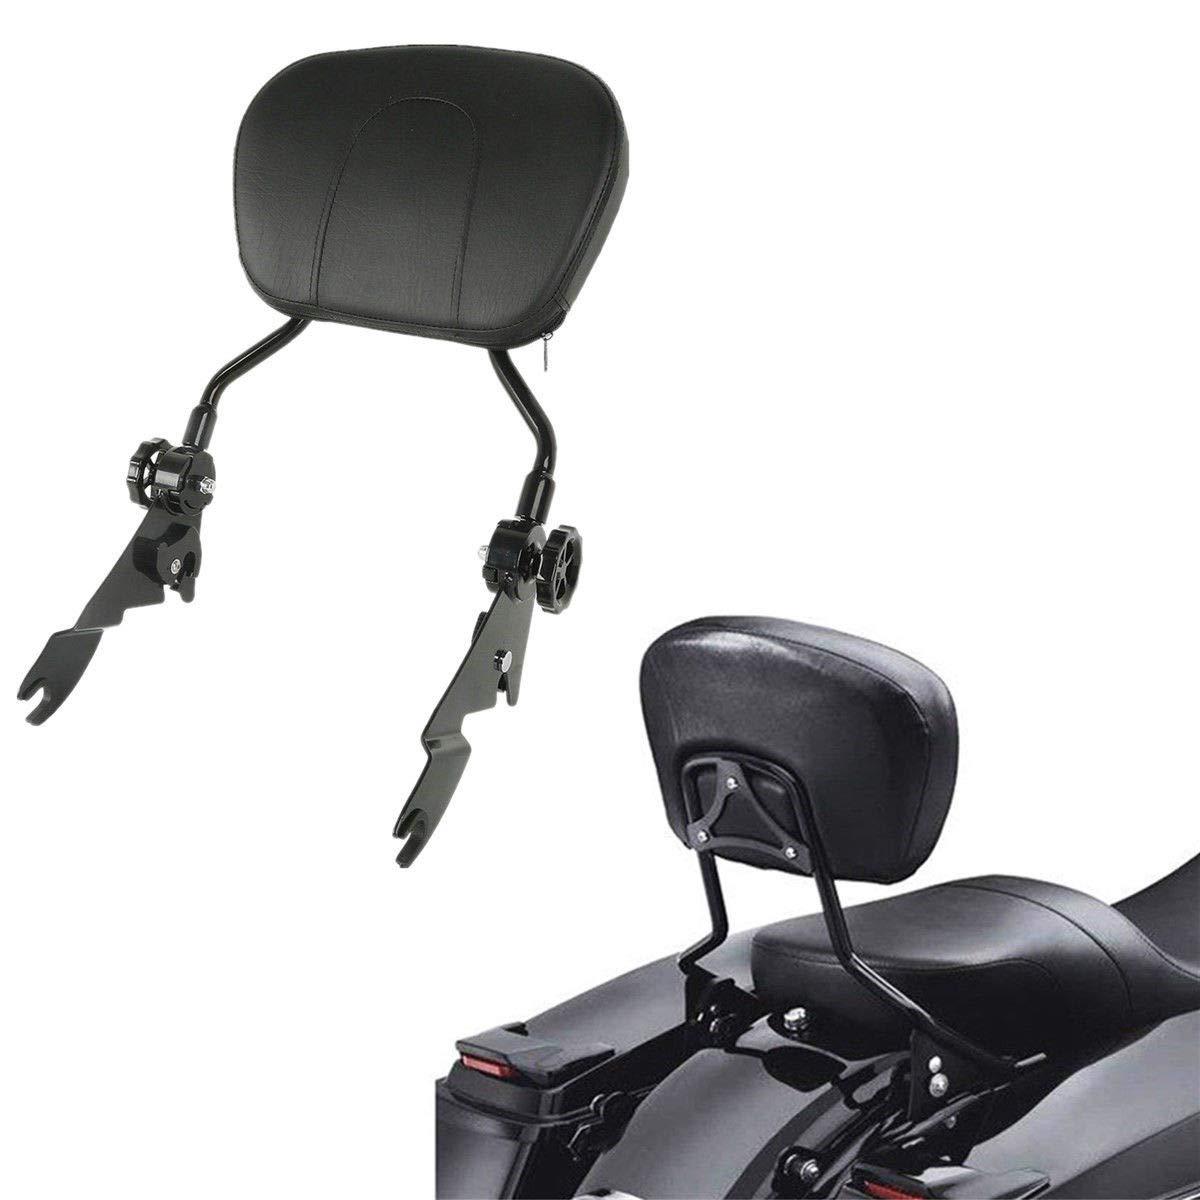 TCMT Adjustable Sissy Bar Passenger Backrest W/Pad Fits For Harley Touring Models 2009 2010 2011 2012 2013 2014 2015 2016 2017 2018 (Black)